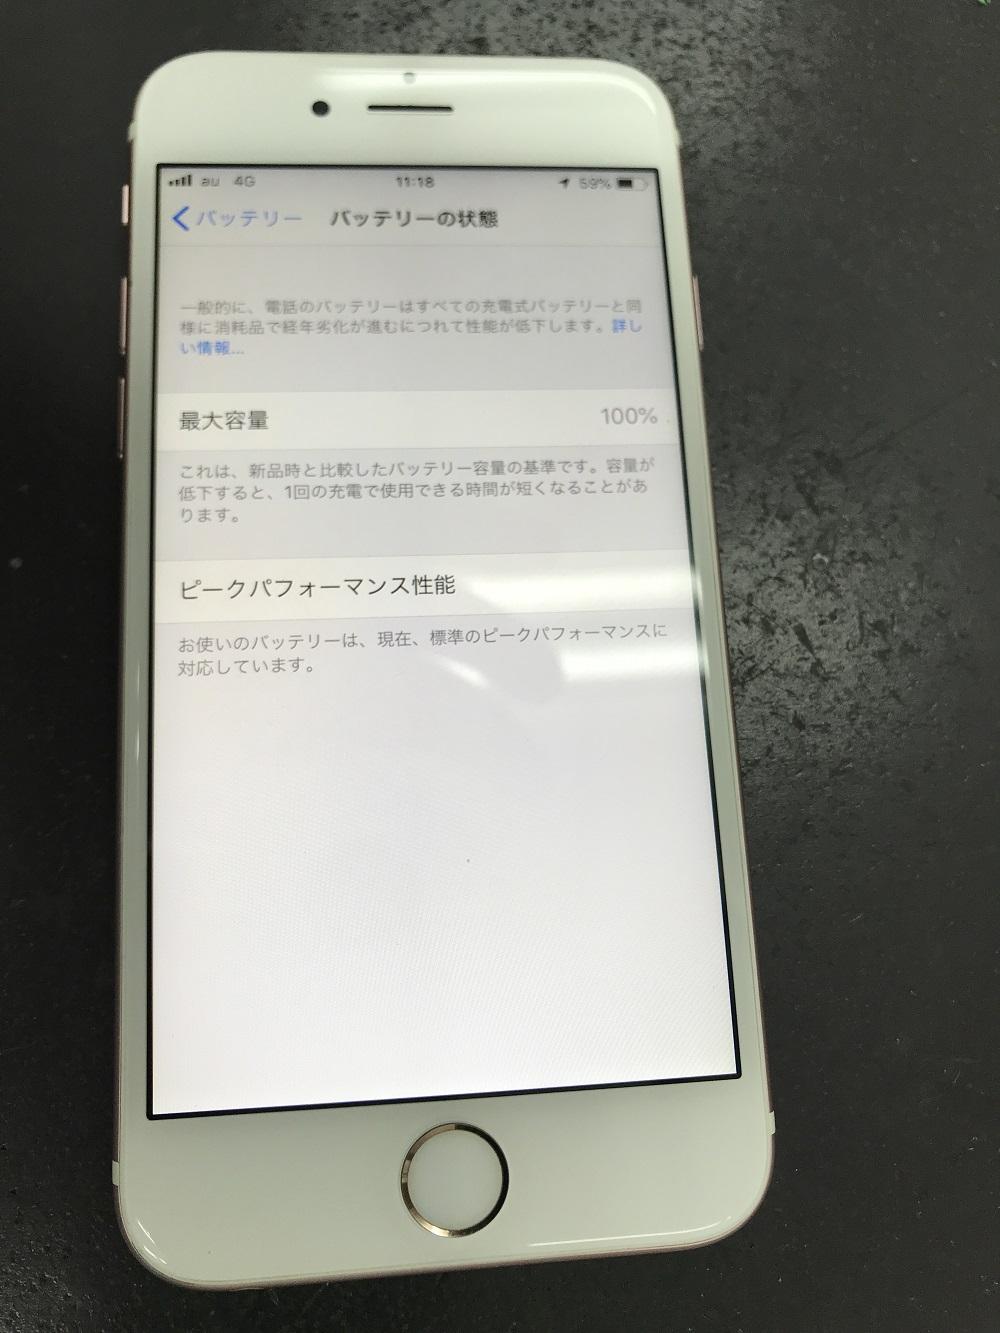 アイフォン6s膨張バッテリー 交換後 バッテリーの最大容量